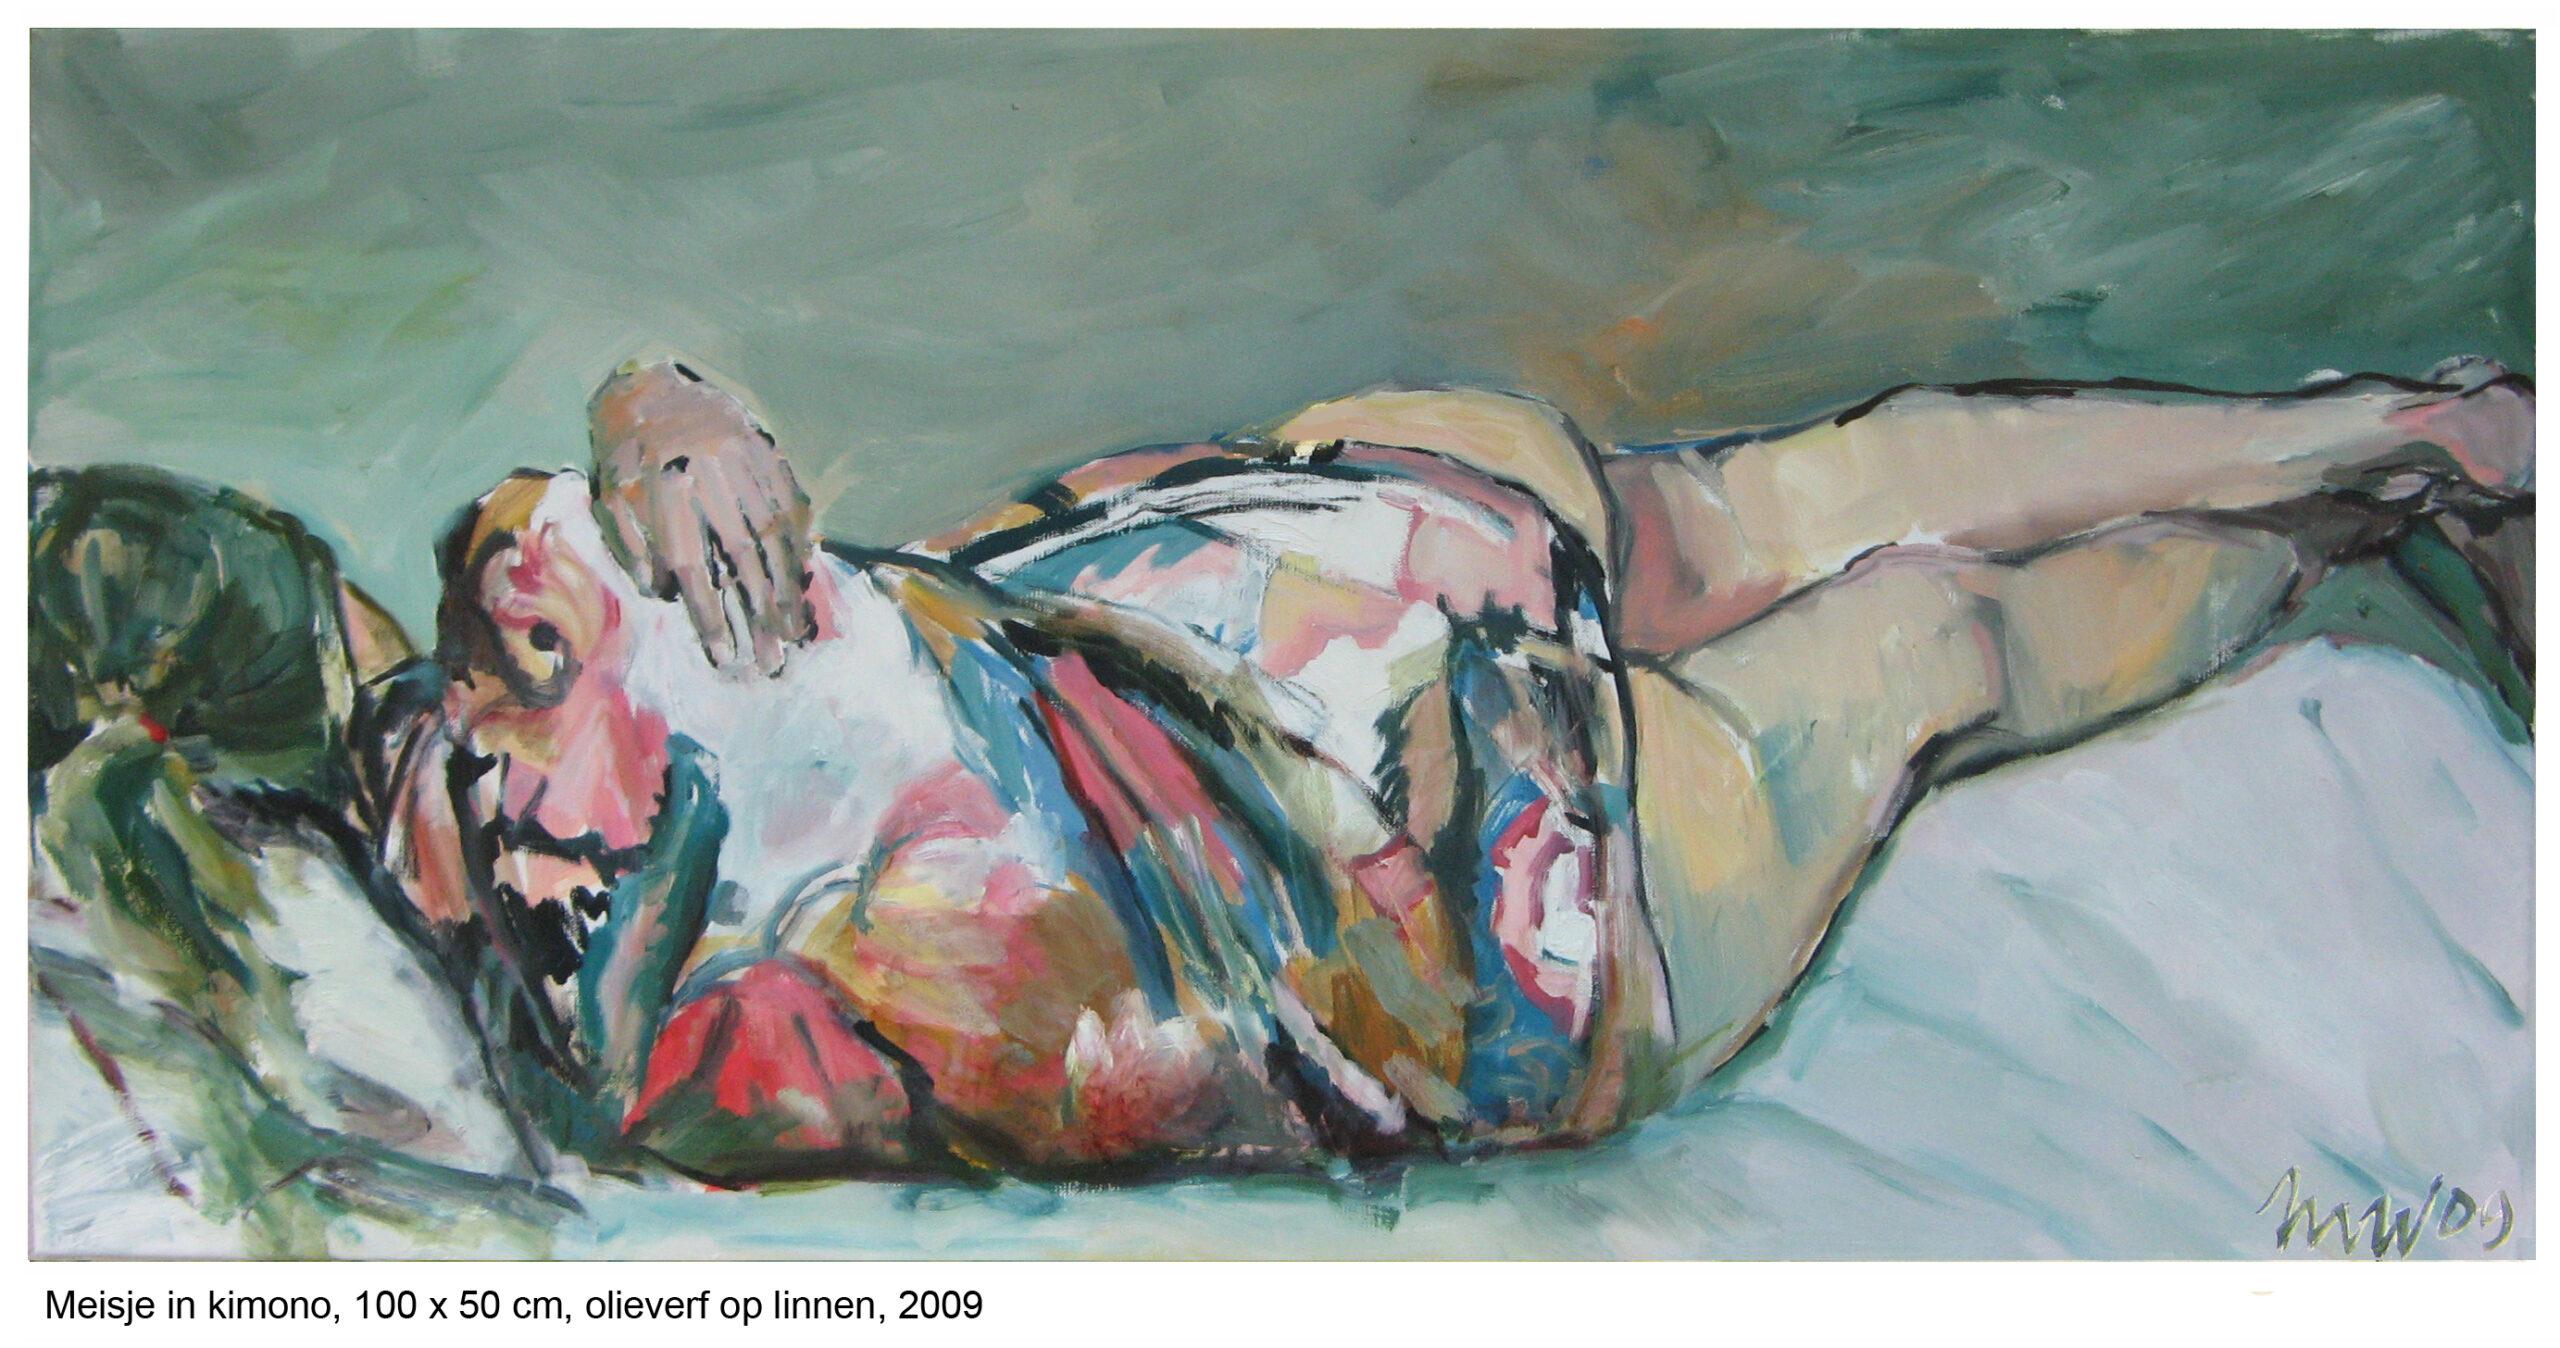 meisje in kimono, 100 x 50 cm, olieverf op linnen, 2009